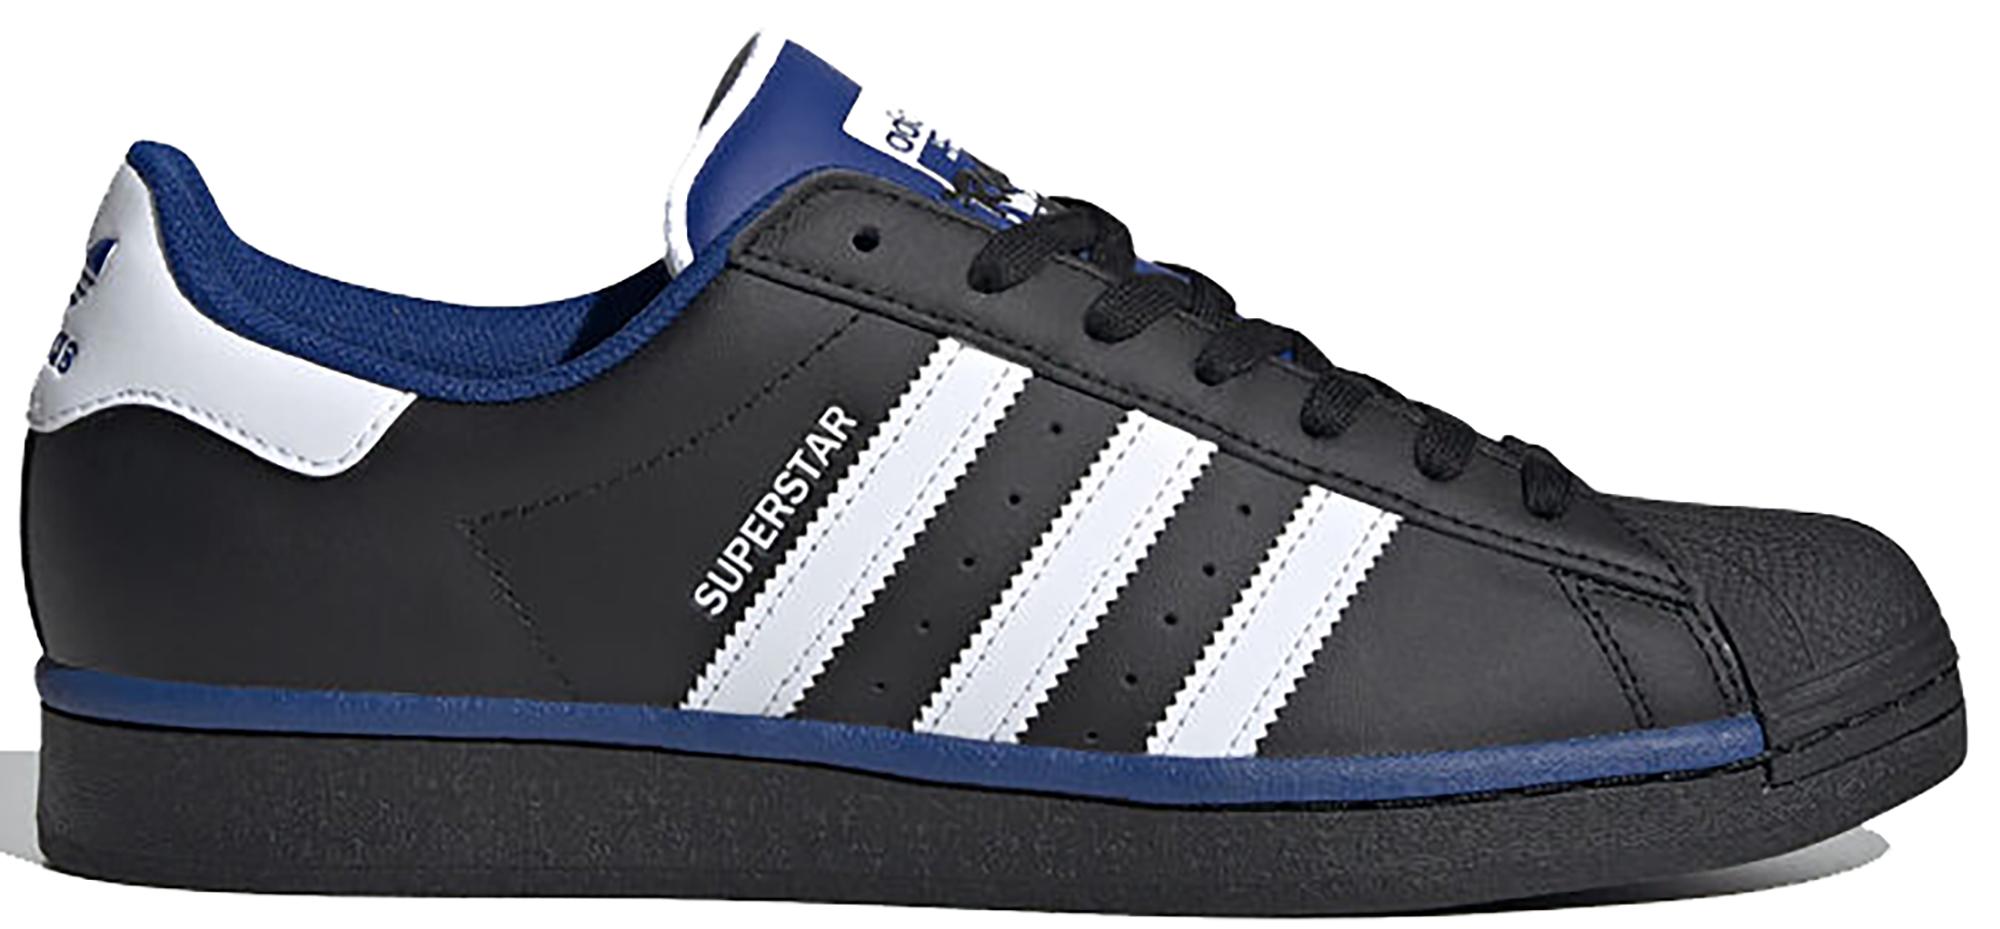 adidas Superstar Core Black Collegiate